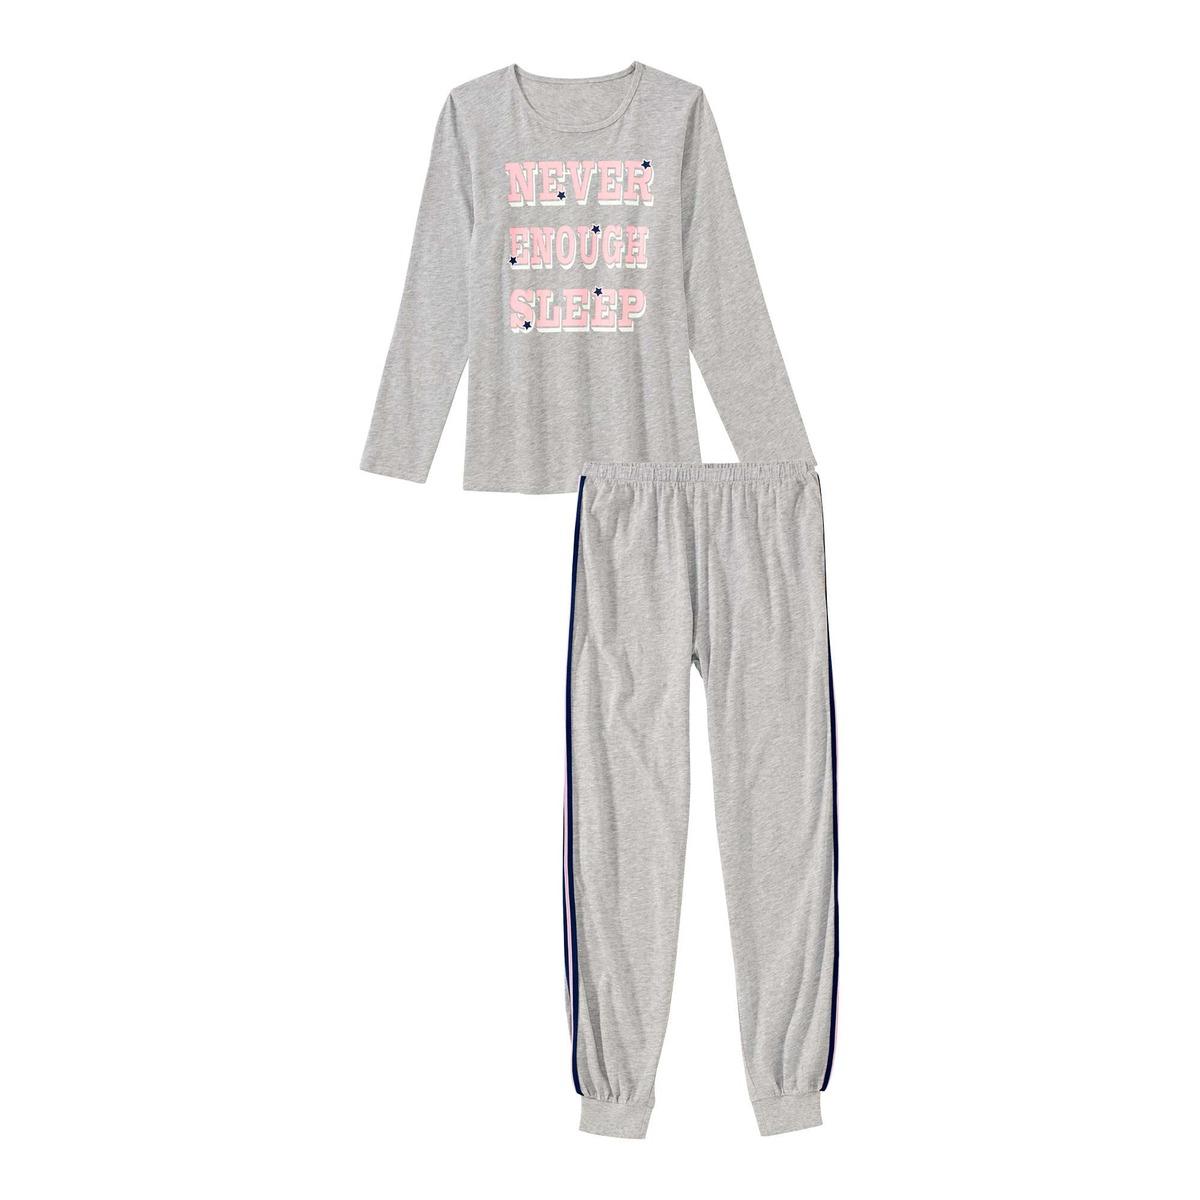 Bild 1 von Mädchen-Schlafanzug in Melange-Optik, 2-teilig